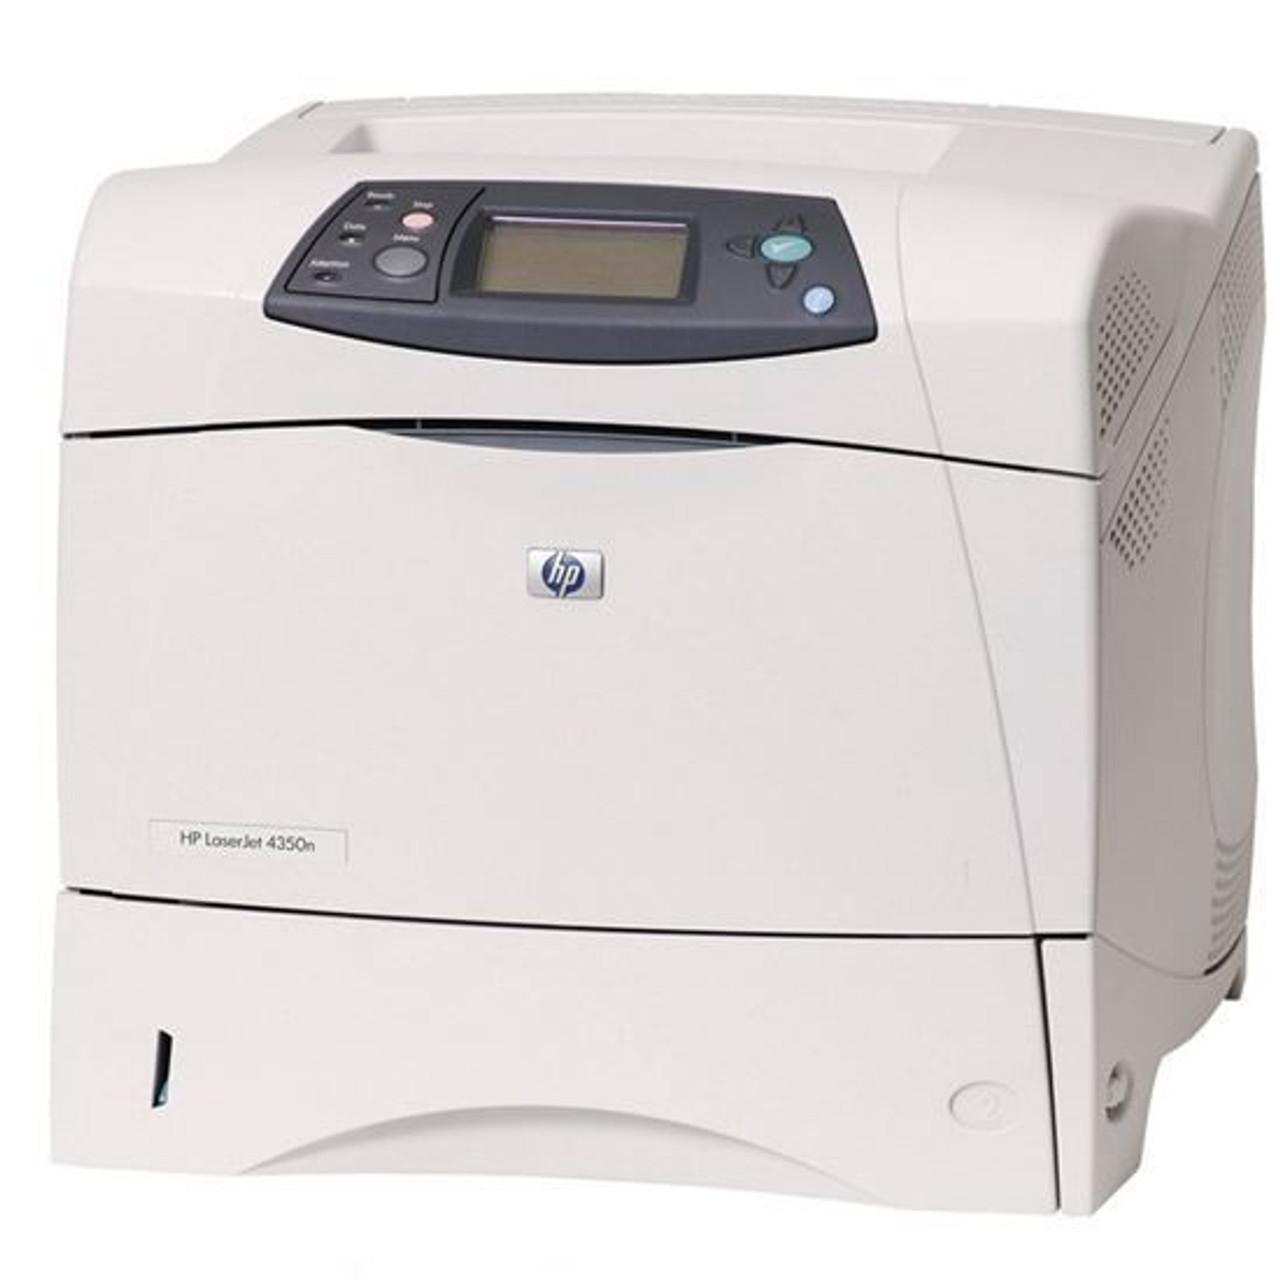 HP LaserJet 4350n - Q5407A - HP Laser Printer for sale